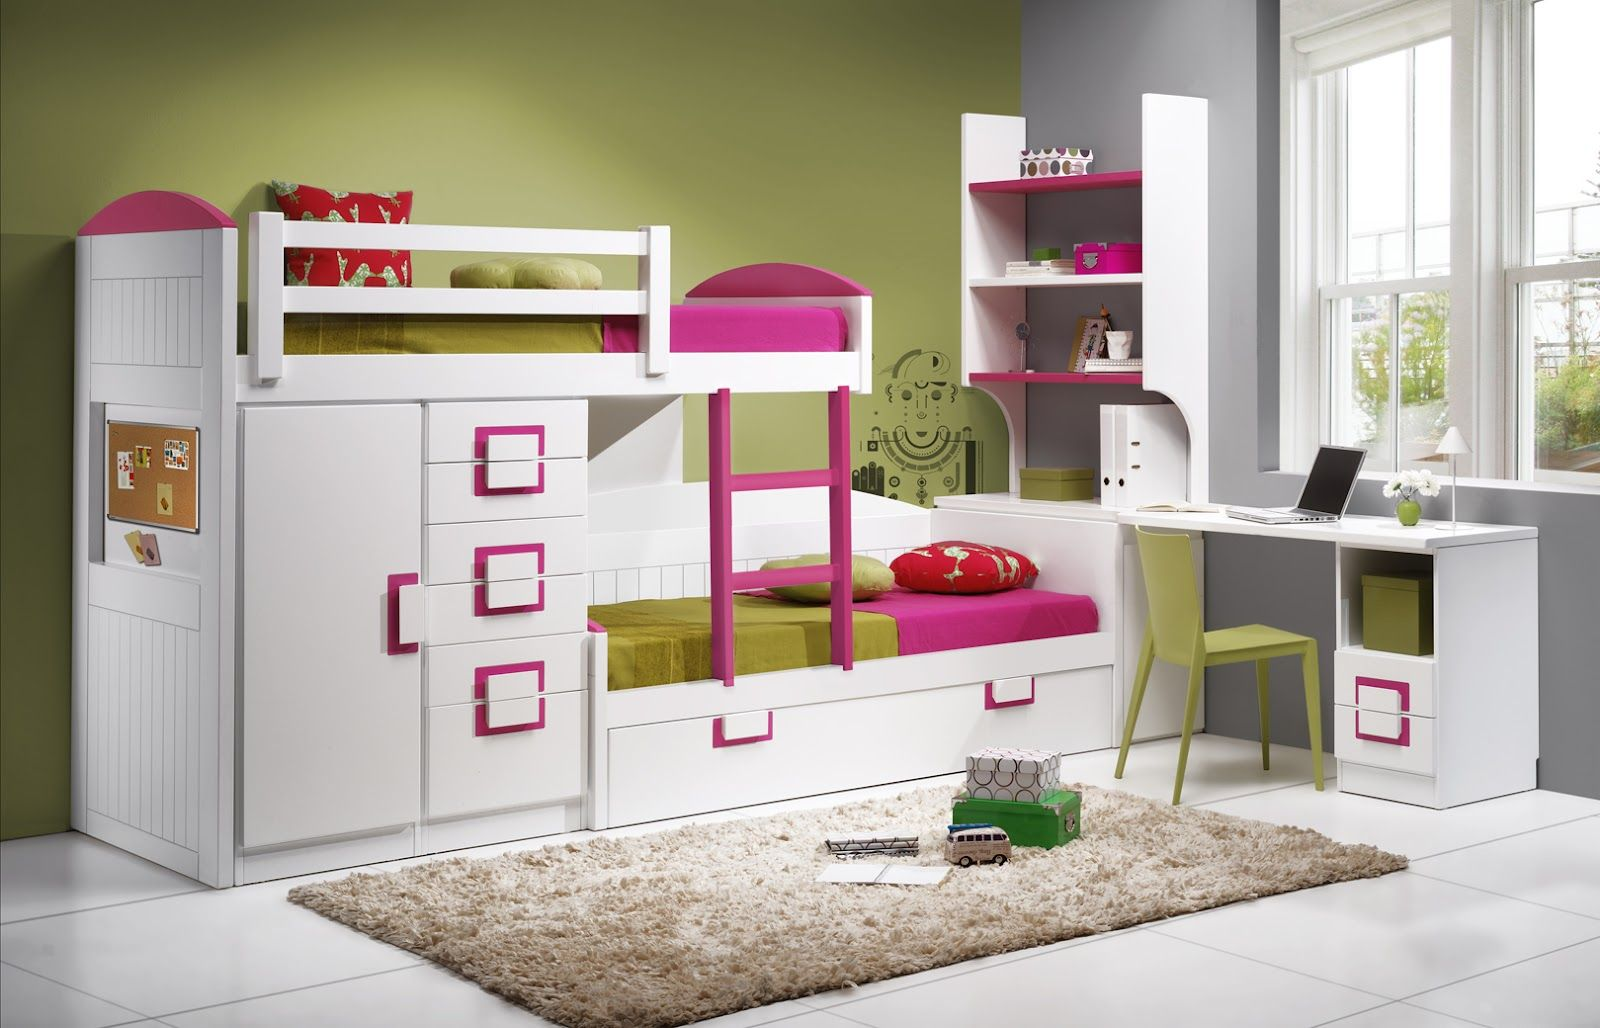 Tapetes que siempre combinan con todo habitaci n bebe pinterest - Literas para habitaciones pequenas ...